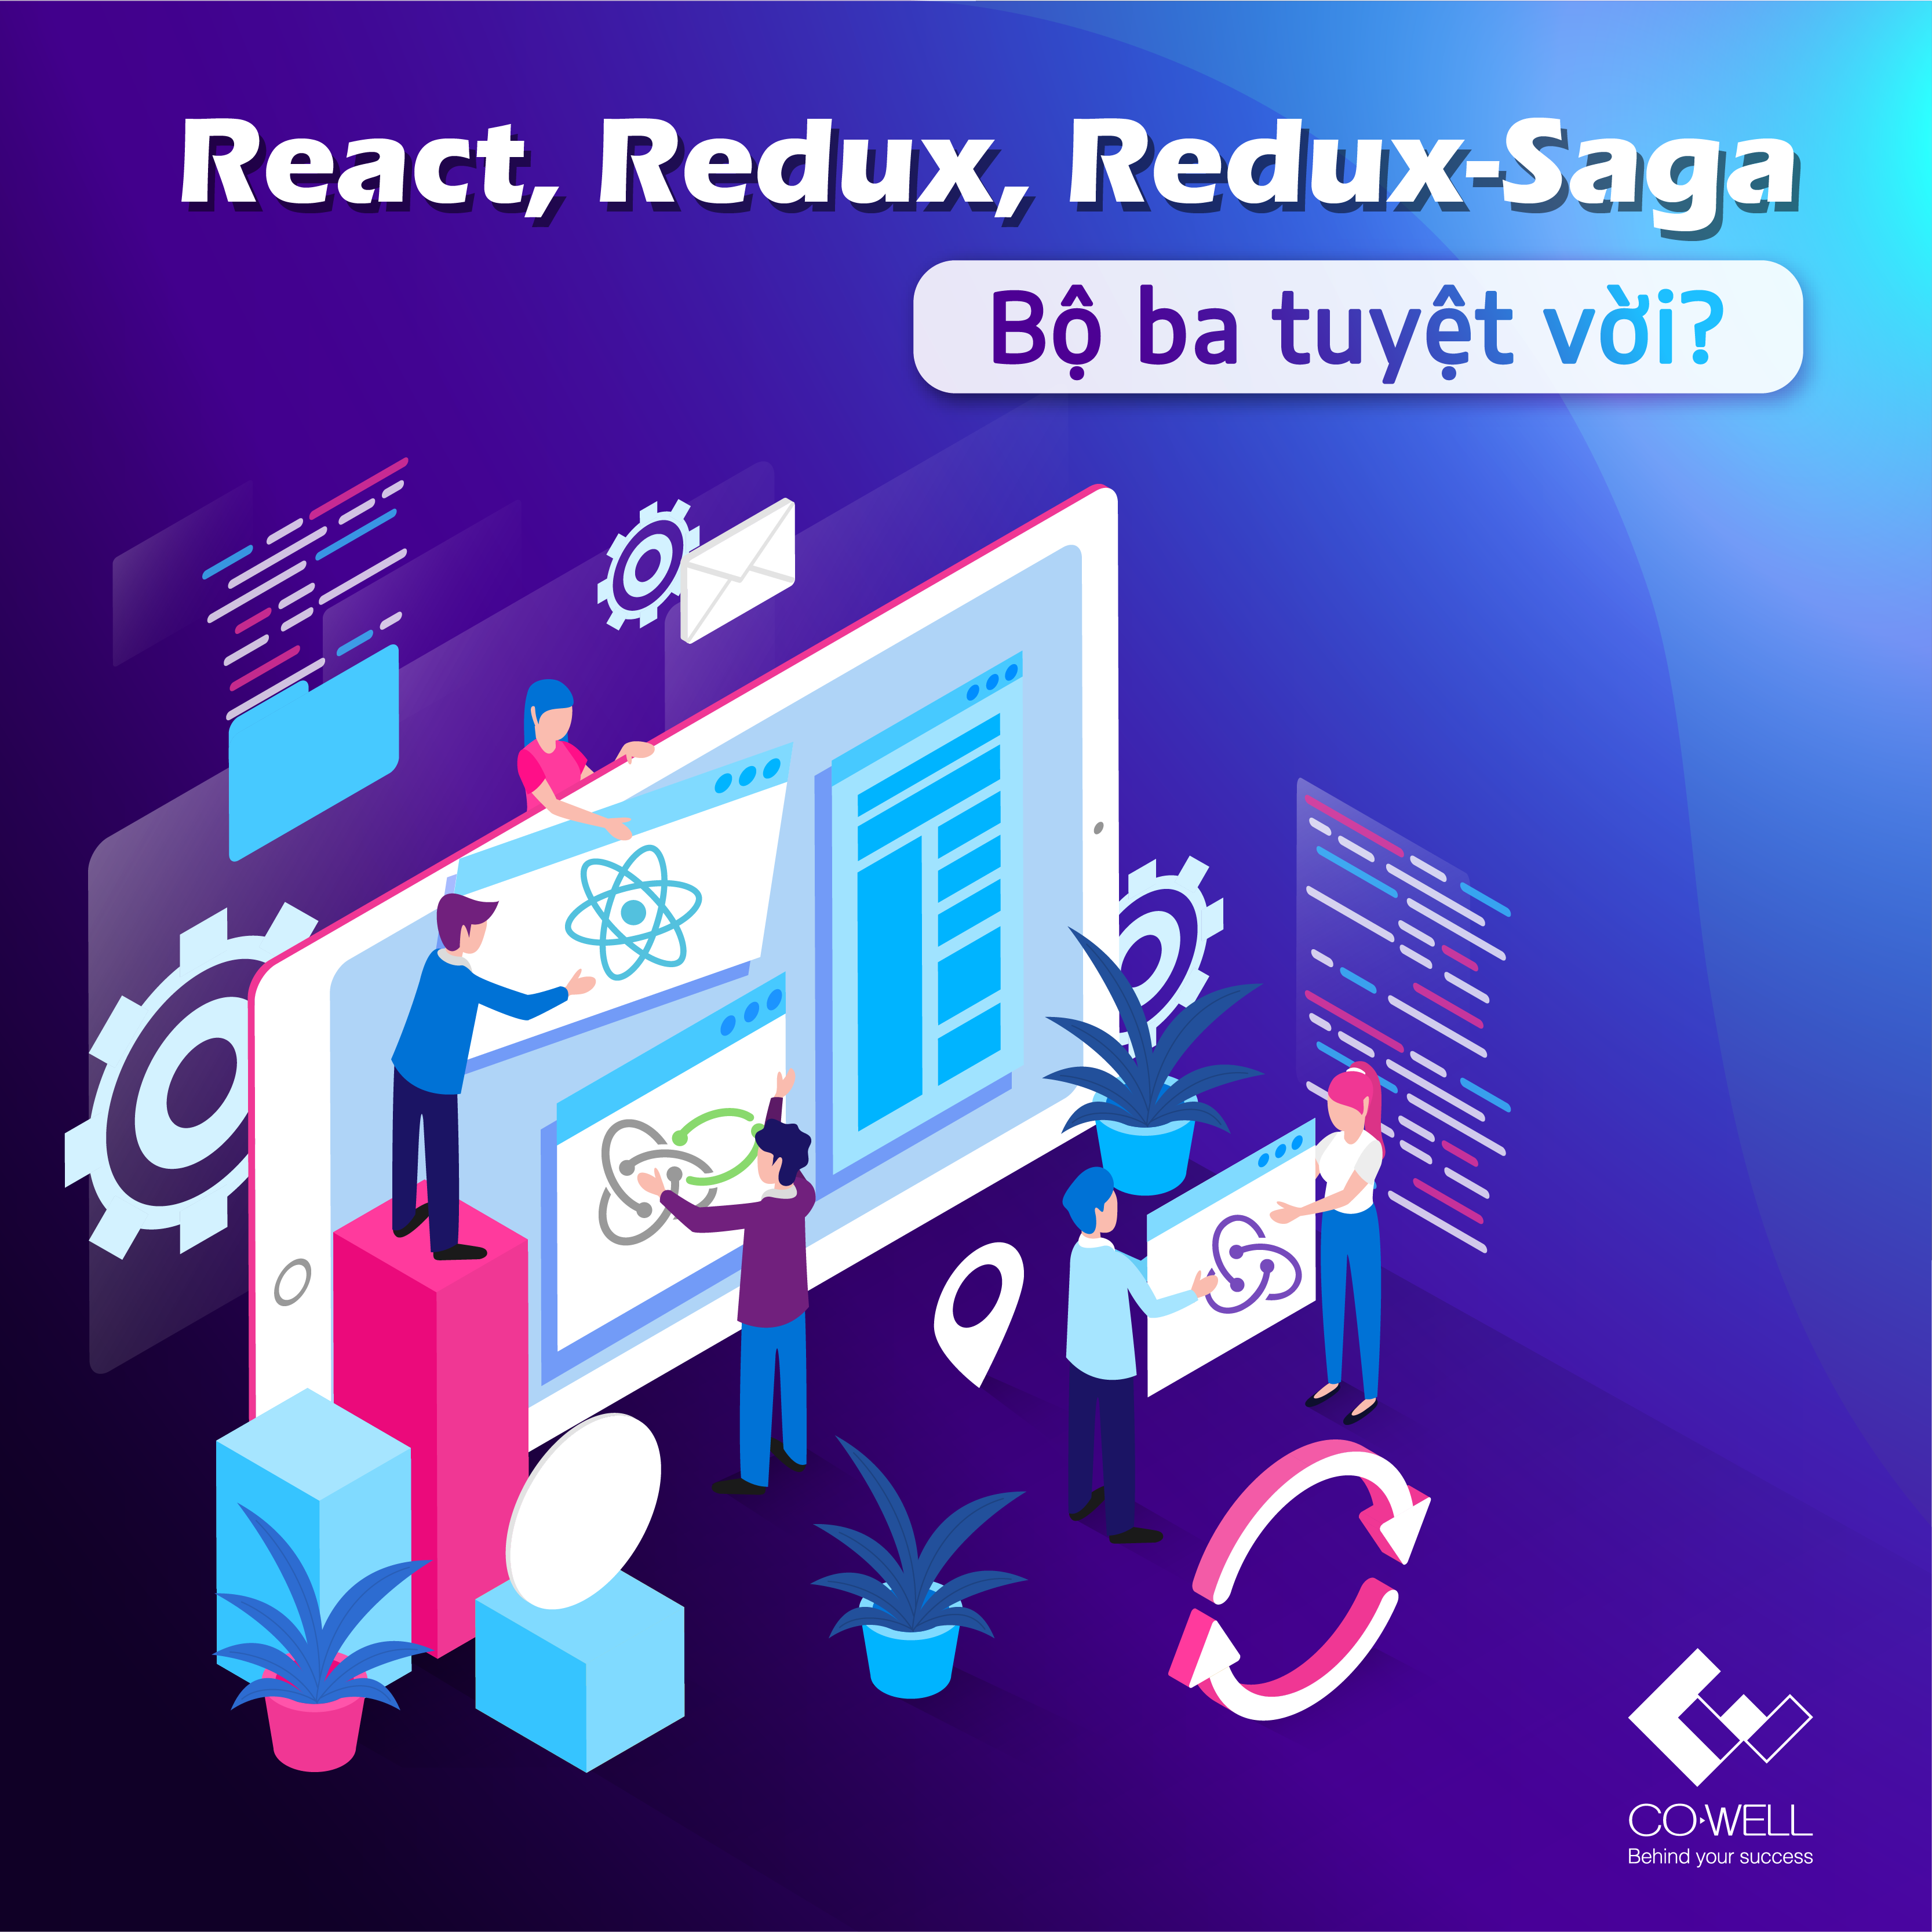 [CODEWELL]REACT, REDUX VÀ REDUX-SAGA – BỘ BA HOÀN HẢO CHO MỘT ỨNG DỤNG REACT!